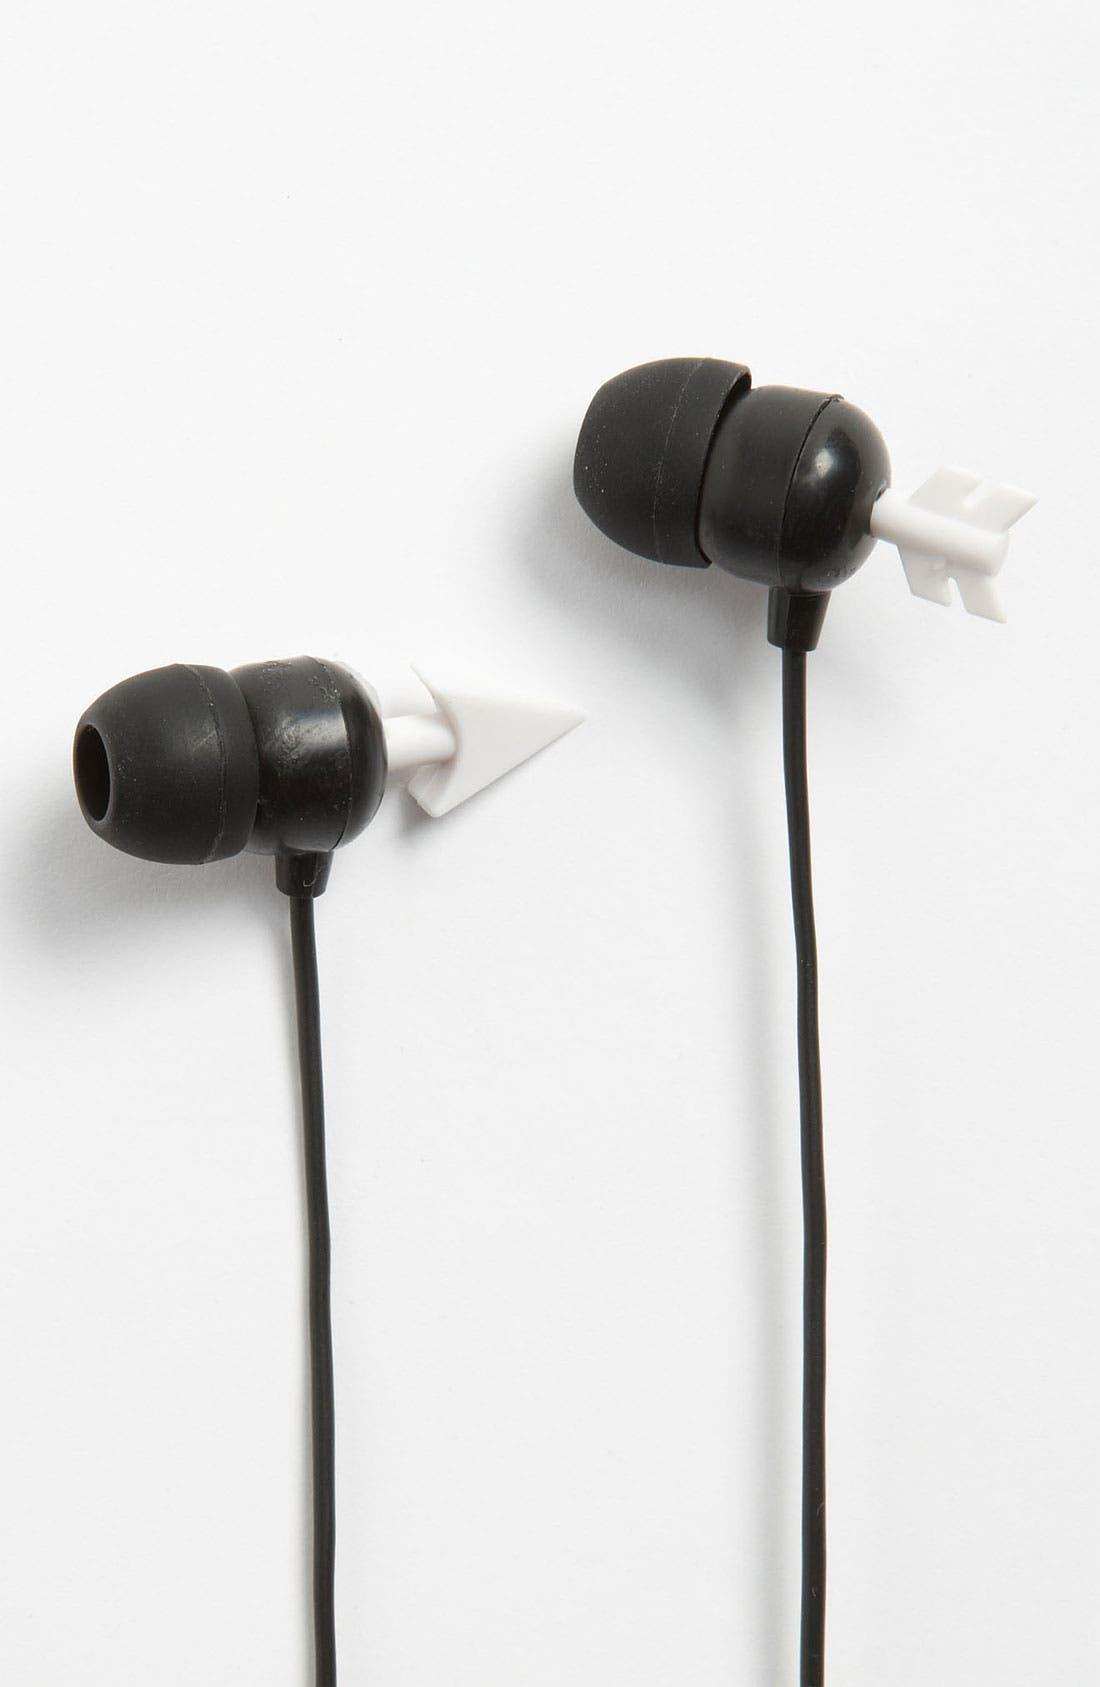 Alternate Image 1 Selected - Kikkerland Design Arrow Earbuds